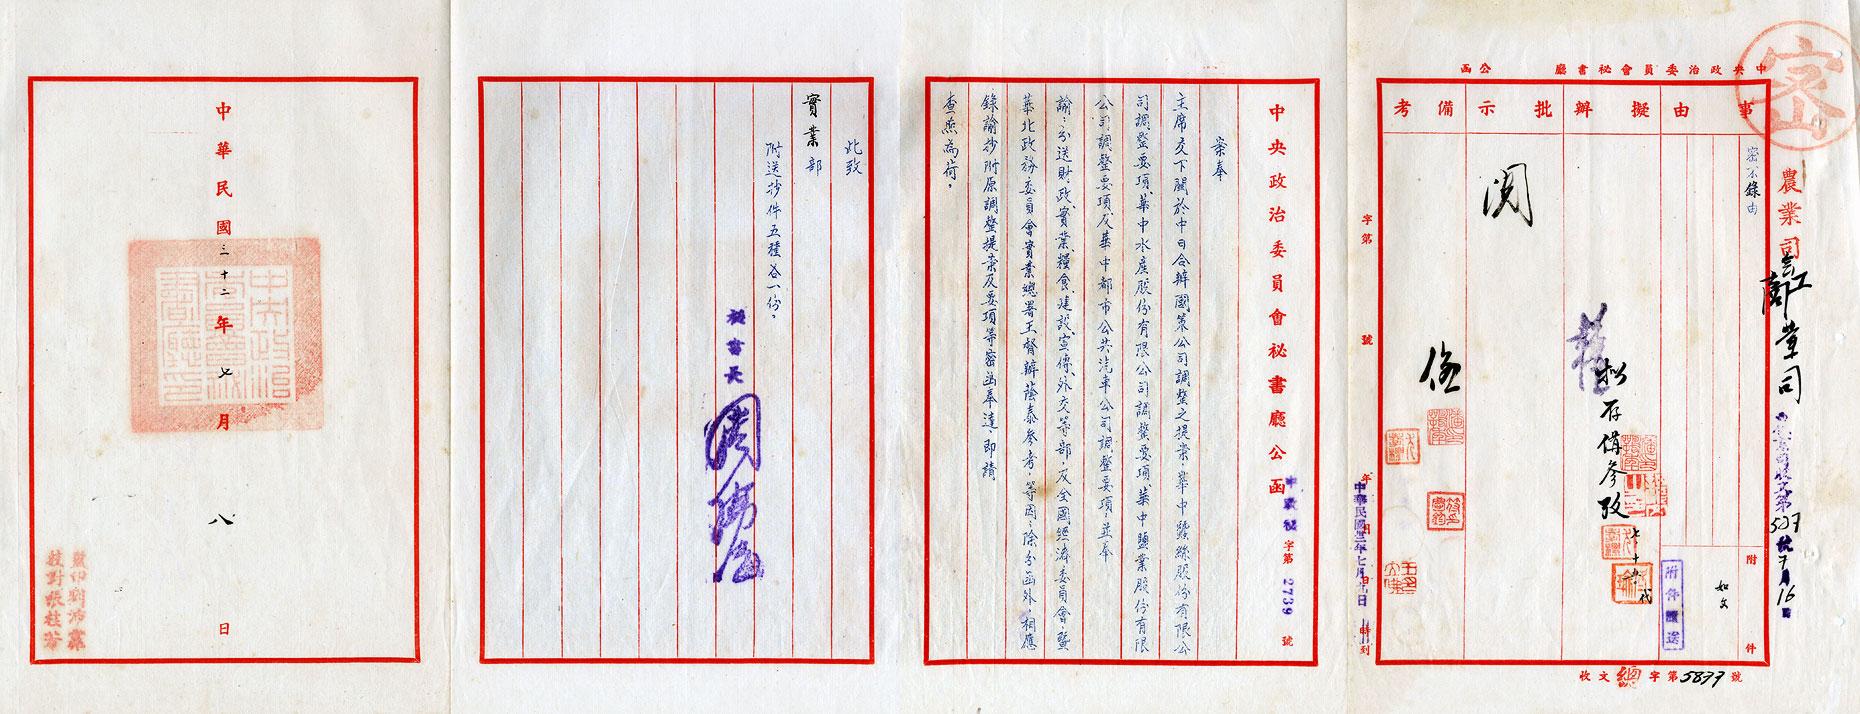 1943年1月,行政院訓令,召開地方會議,強化地方農業行政案。(28-03-01-003-03-004)